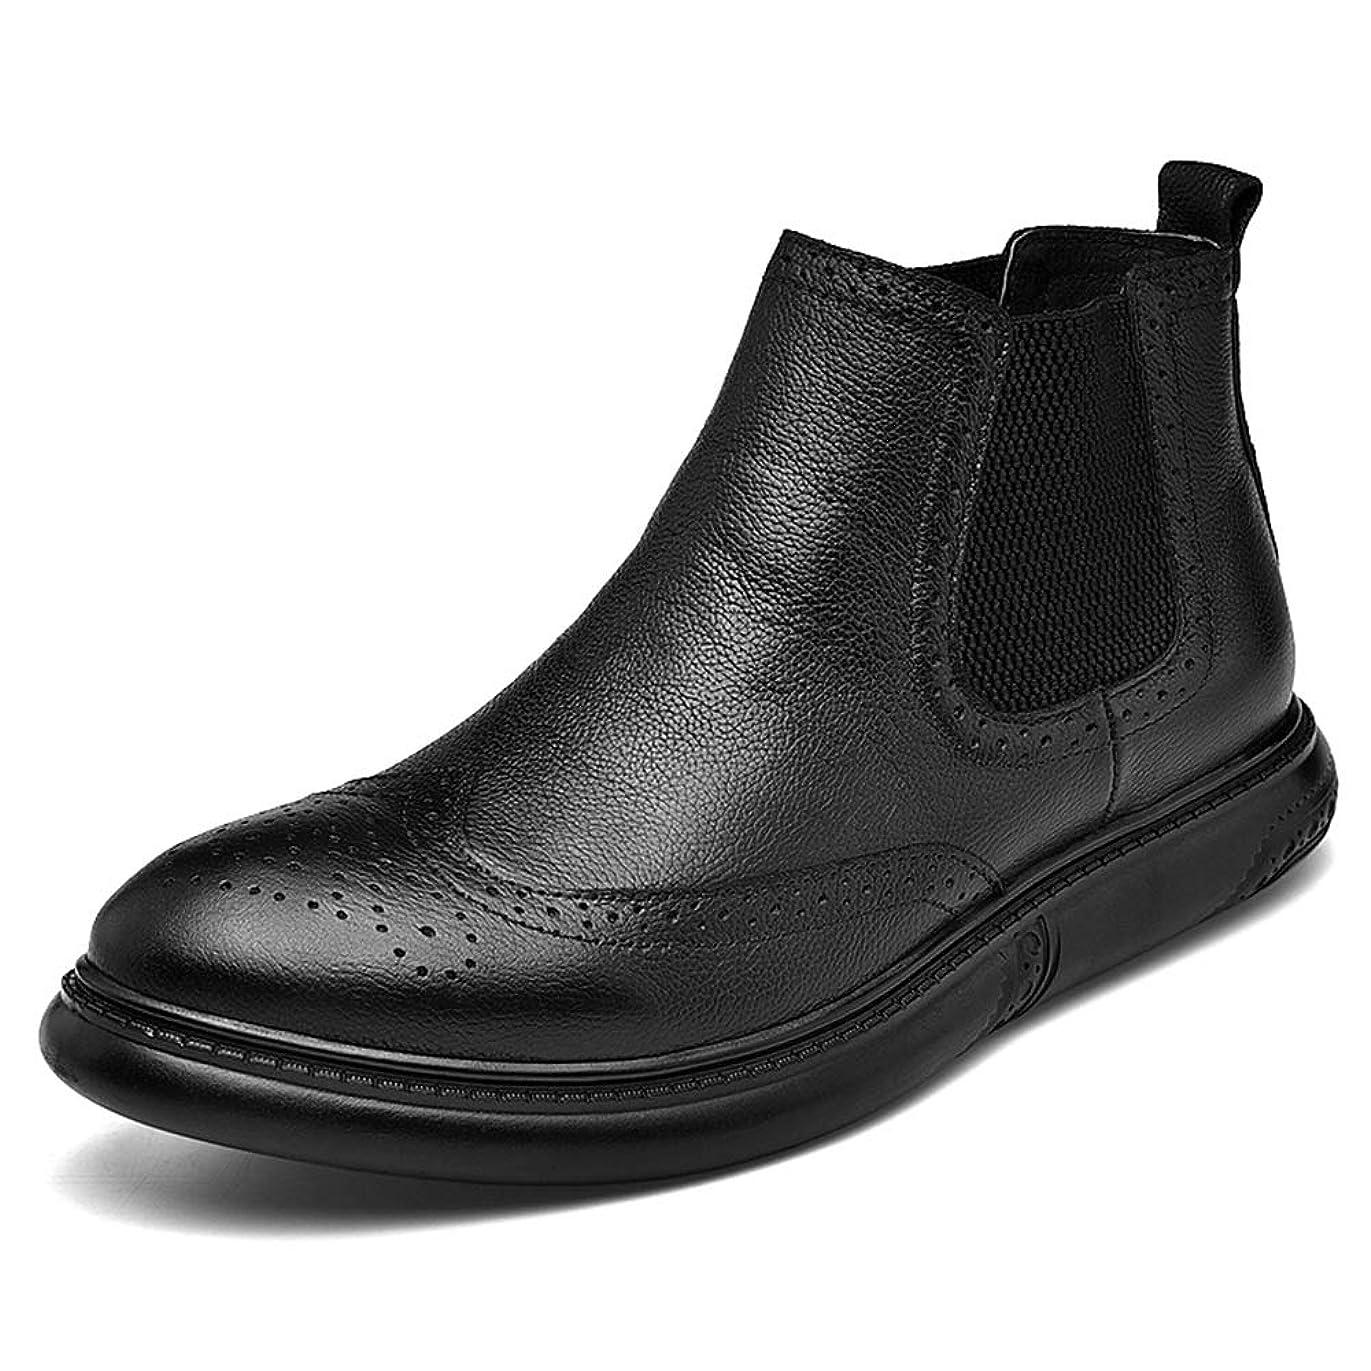 映画噴水裸[CHENJUAN] 靴メンズファッションオックスフォードカジュアルチェルシーブーツ快適なフリース並ぶ靴